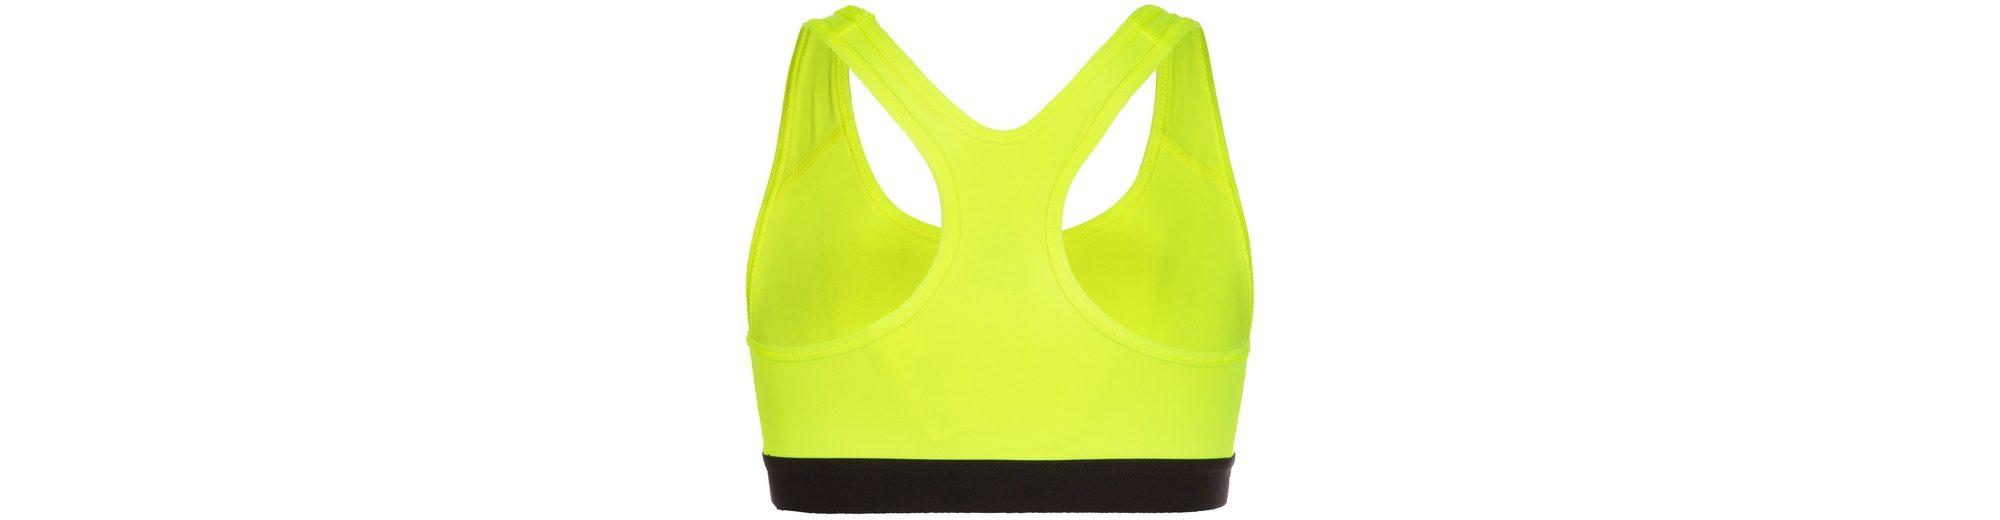 Nike New Nike Pro Classic Sport-BH Damen Günstig Kaufen Große Überraschung Freies Verschiffen Kauf Verkauf Wählen Eine Beste Fw7qE